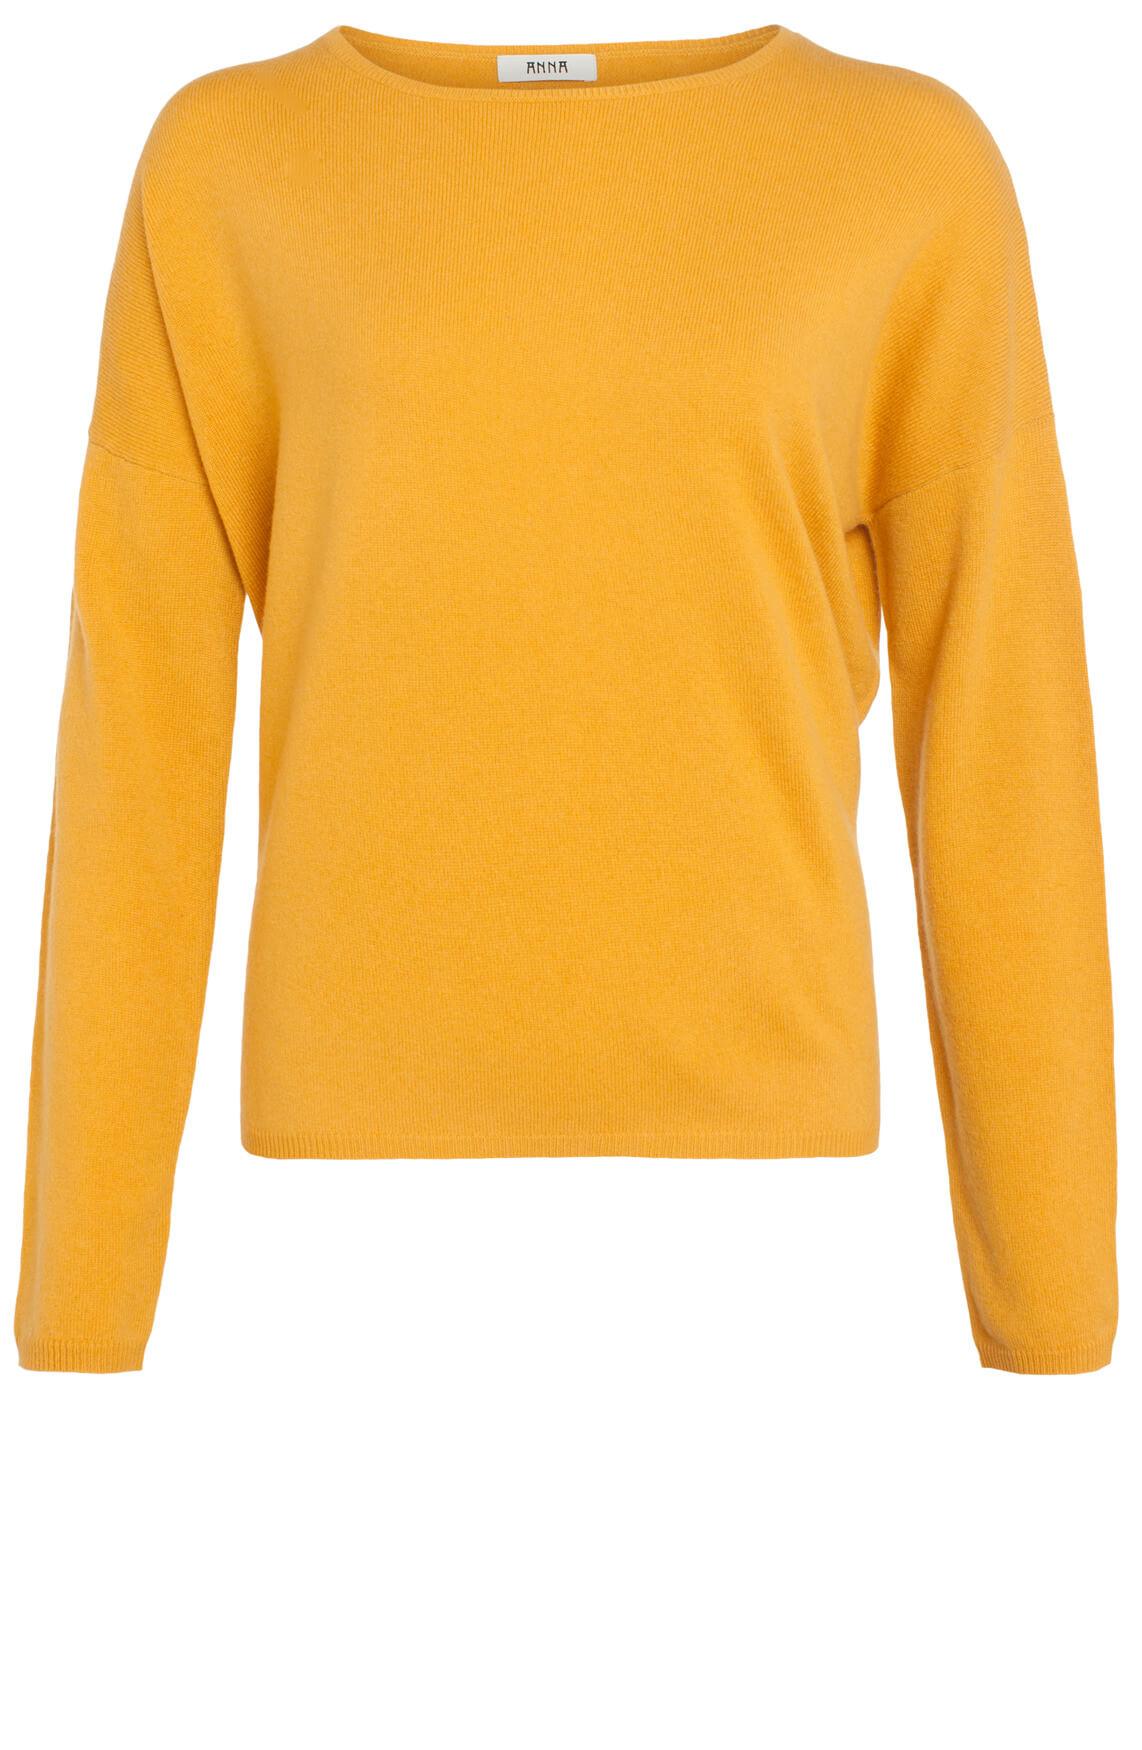 Anna Dames Cashmere pullover okergeel geel